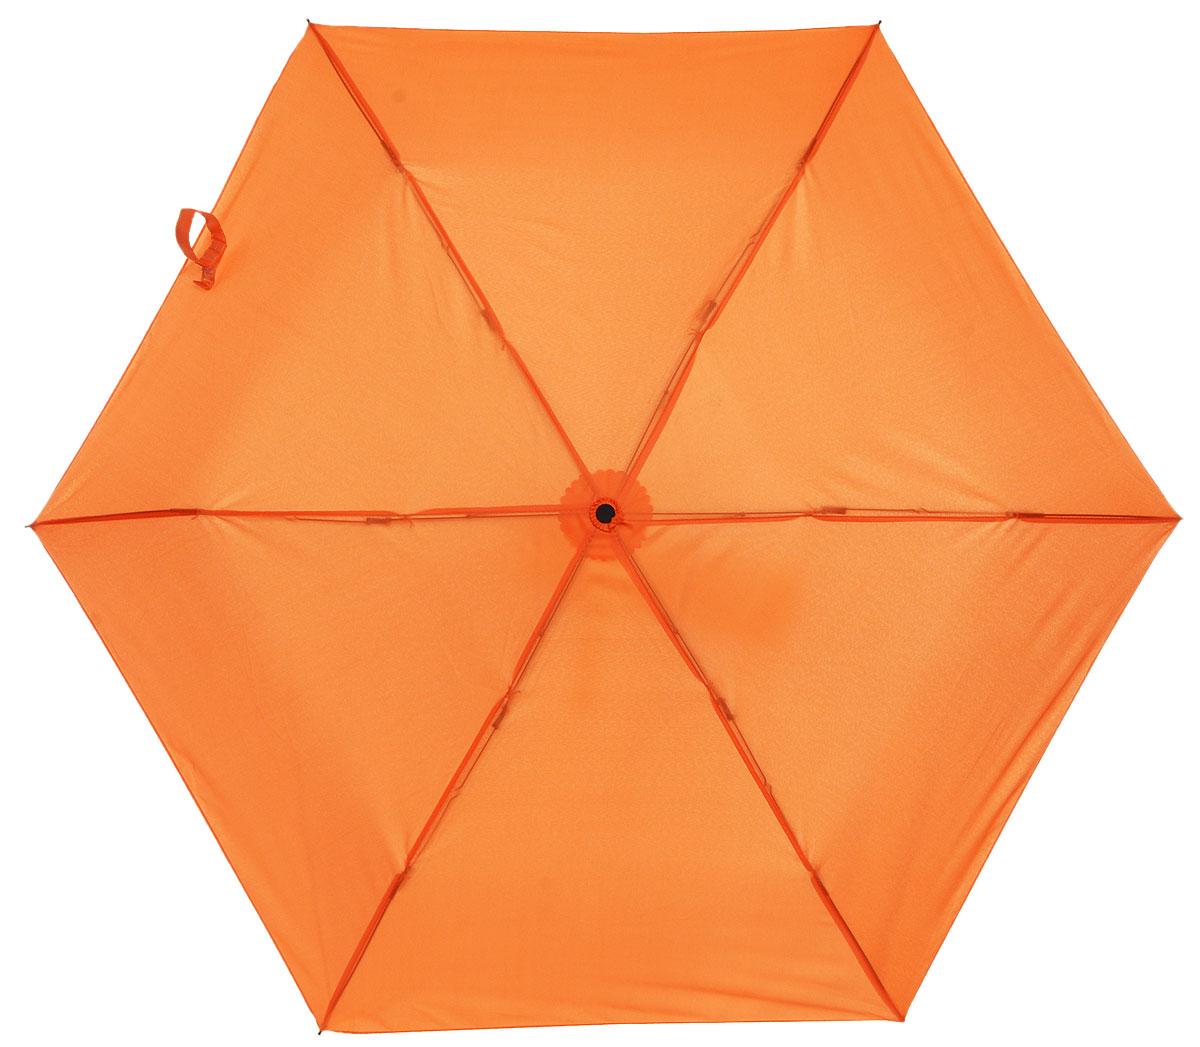 Зонт детский Эврика Морковка, механика, 2 сложения, цвет: цвет: оранжевый. 96774Колье (короткие одноярусные бусы)Оригинальный и яркий детский зонт Эврика станет замечательным подарком для вашего ребенка.Изделие имеет механический способ сложения: и купол, и стержень открываются вручную до характерного щелчка. Зонт состоит из шести спиц и стержня, изготовленных из металла. Яркий купол выполнен из качественного нейлона, который не пропускает воду. Зонт дополнен чехлом из пластика, имитирующим морковку. Ручка выполнена в виде черенка морковки и дополнена петлей, благодаря которой зонт можно носить на запястье.Компактный пластиковый чехол предохраняет зонт от повреждений.Оригинальный дизайн зонта поднимет настроение не только вам, но и окружающим.